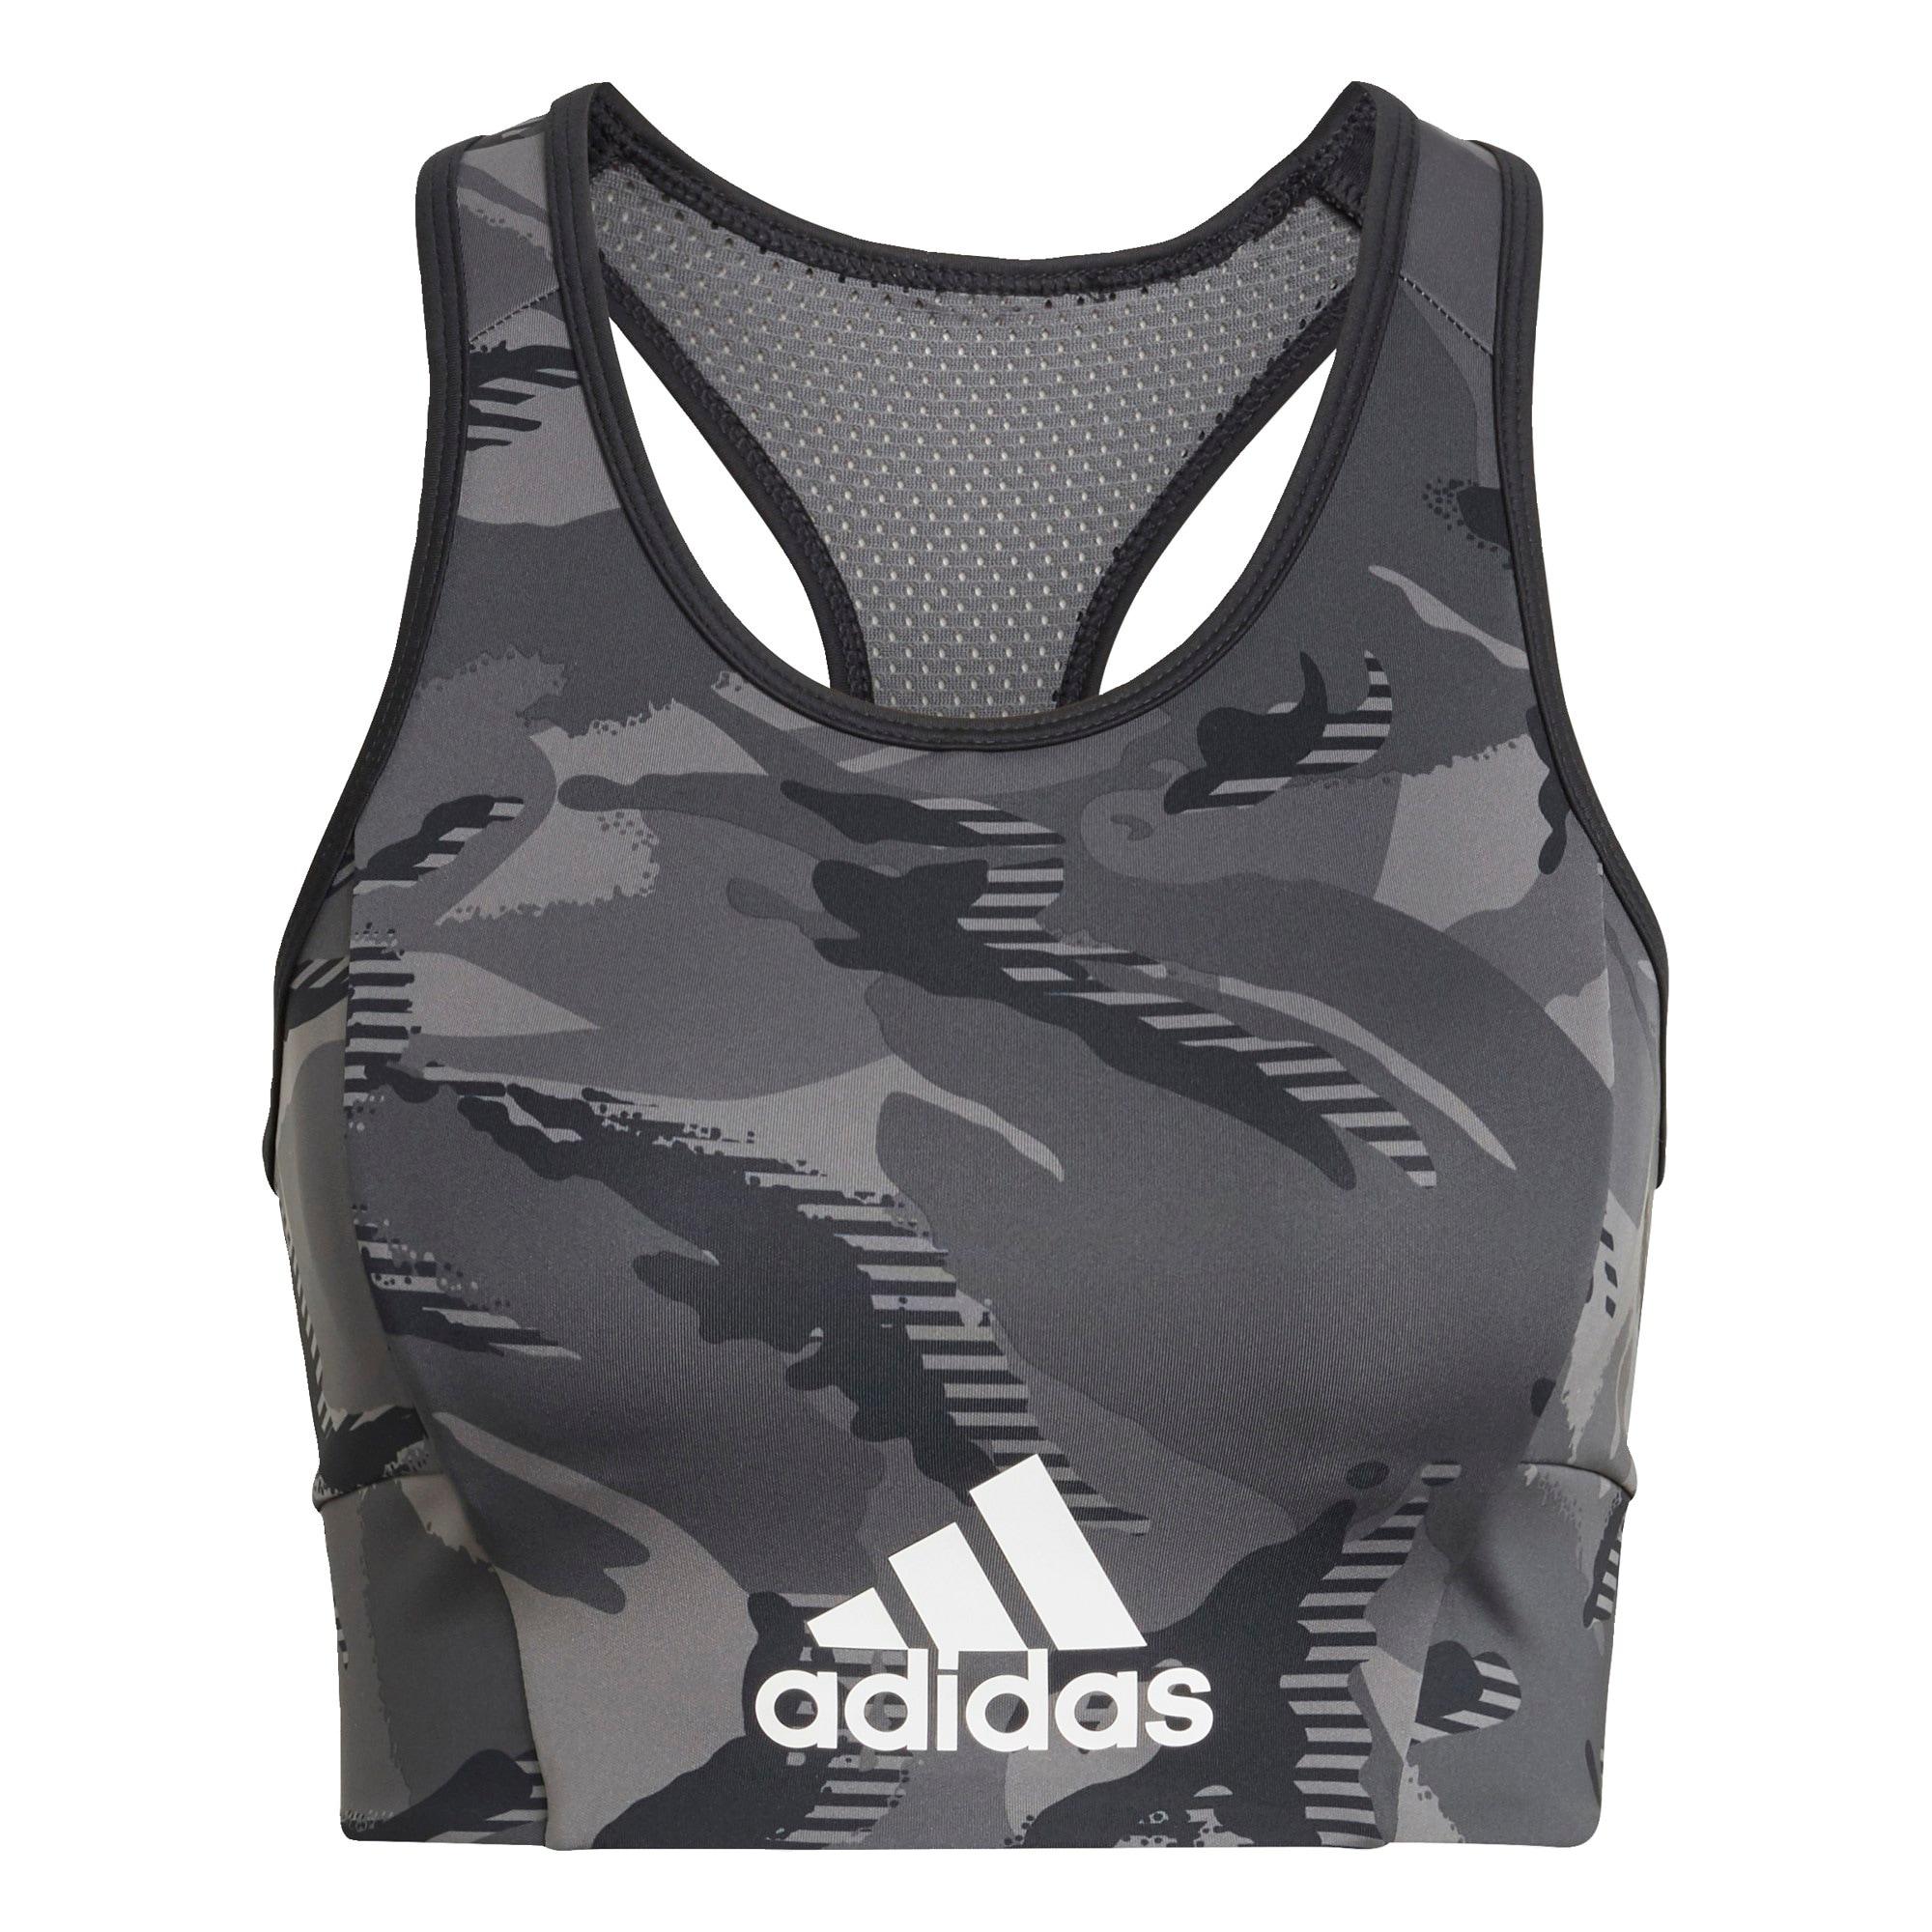 ADIDAS PERFORMANCE Sportinė liemenėlė juoda / tamsiai pilka / pilka / balta